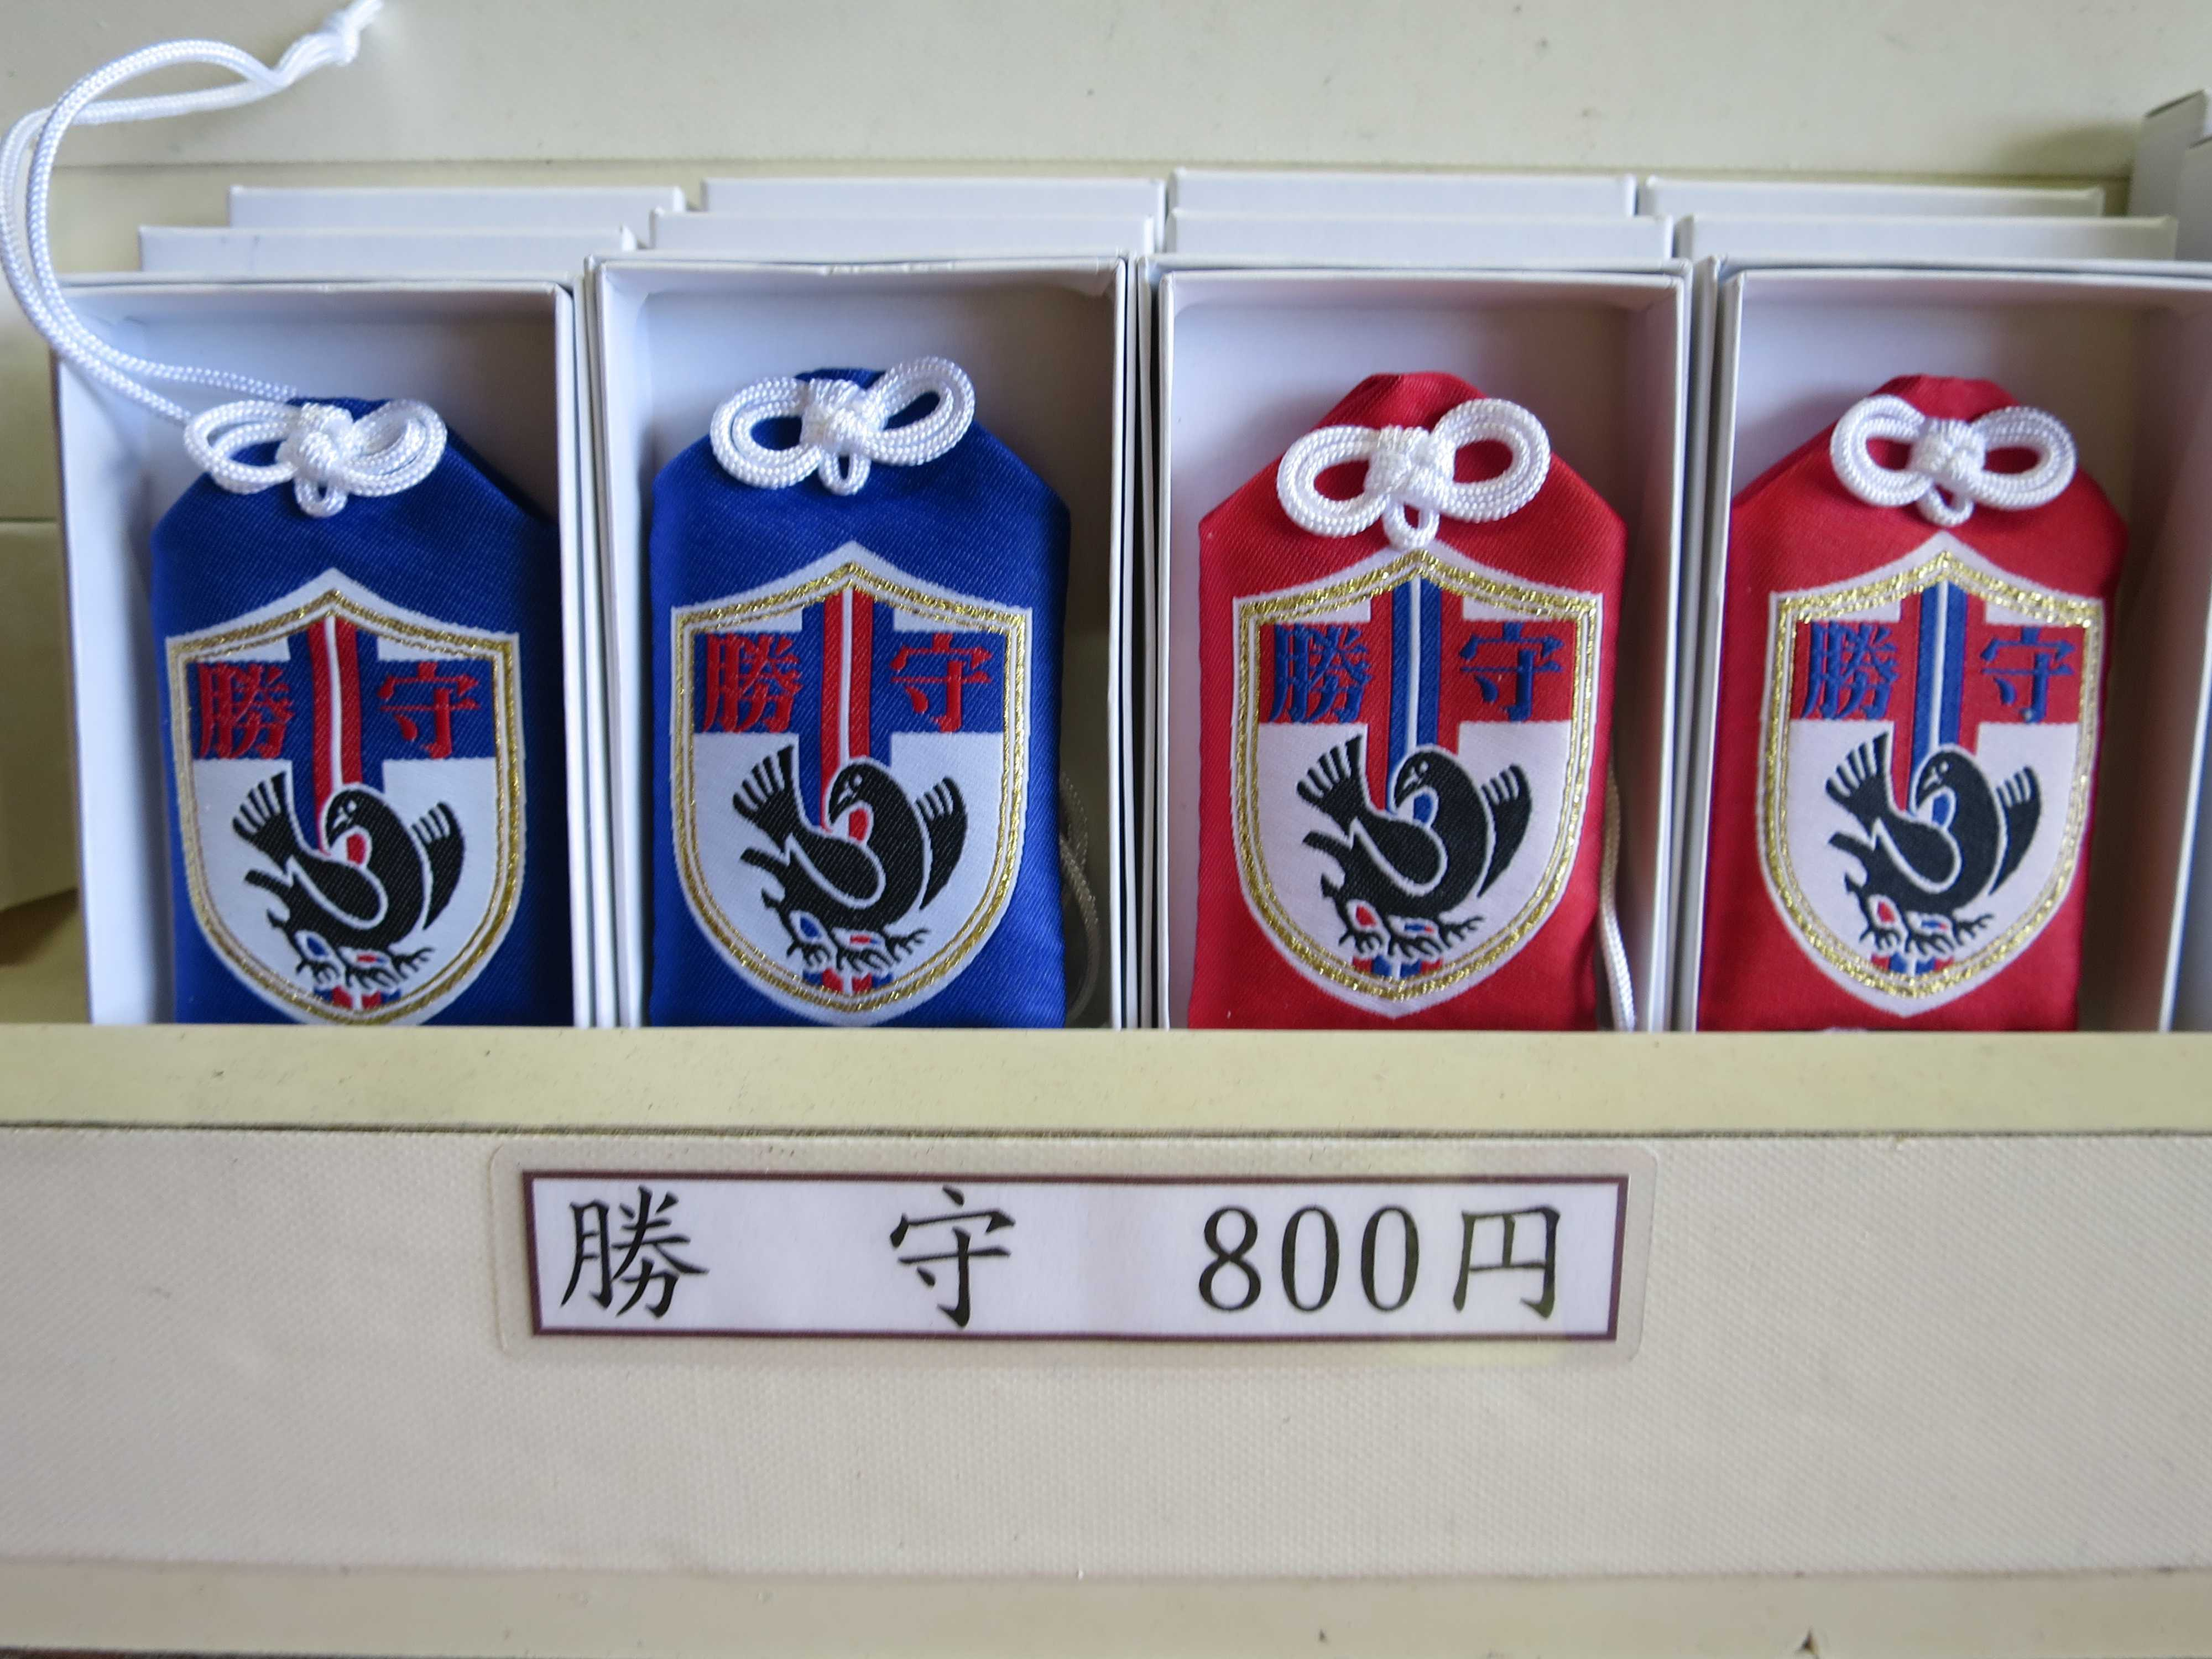 那智大社 - 勝守(サッカー日本代表お守り)